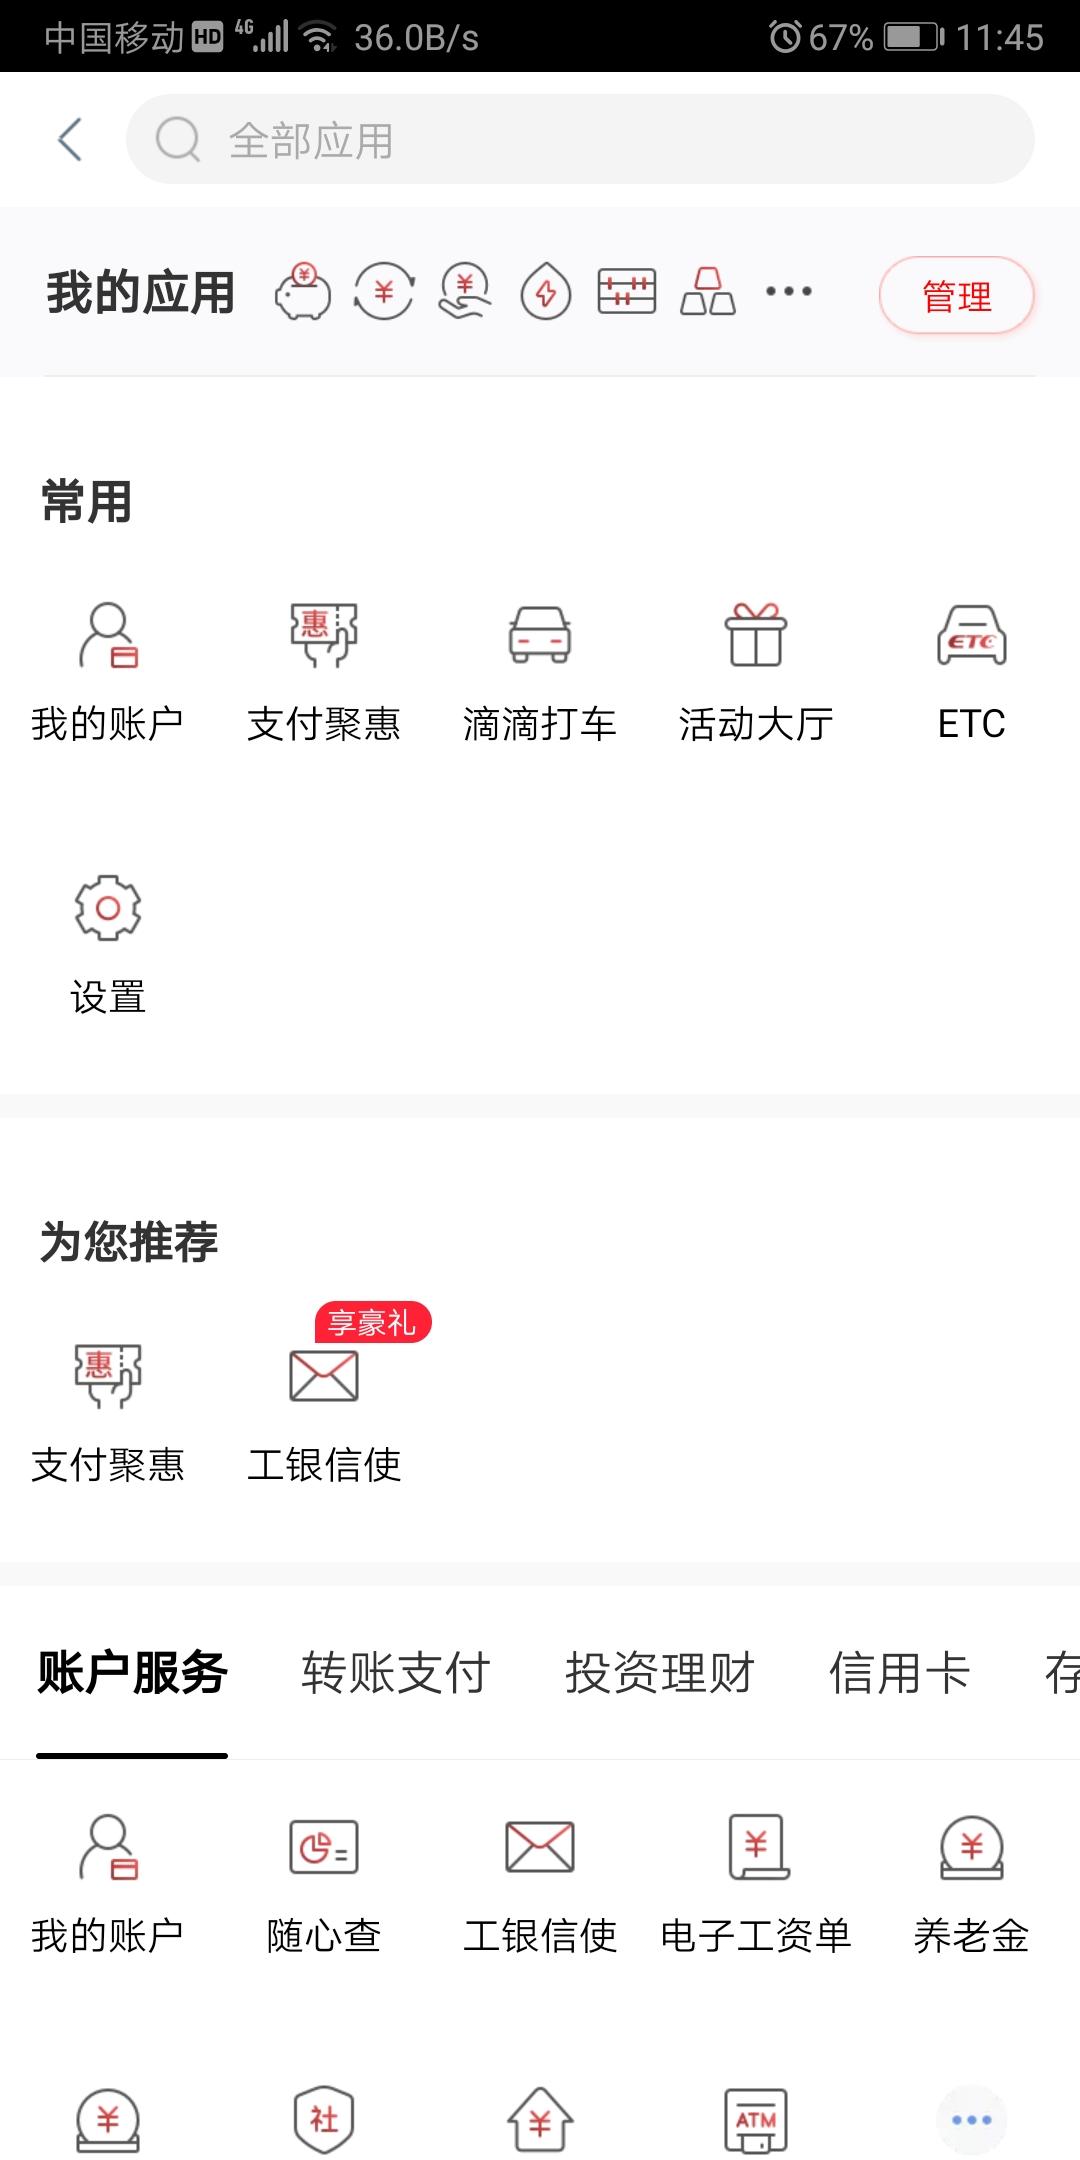 中国工商银行卡滴滴打车10元立减金